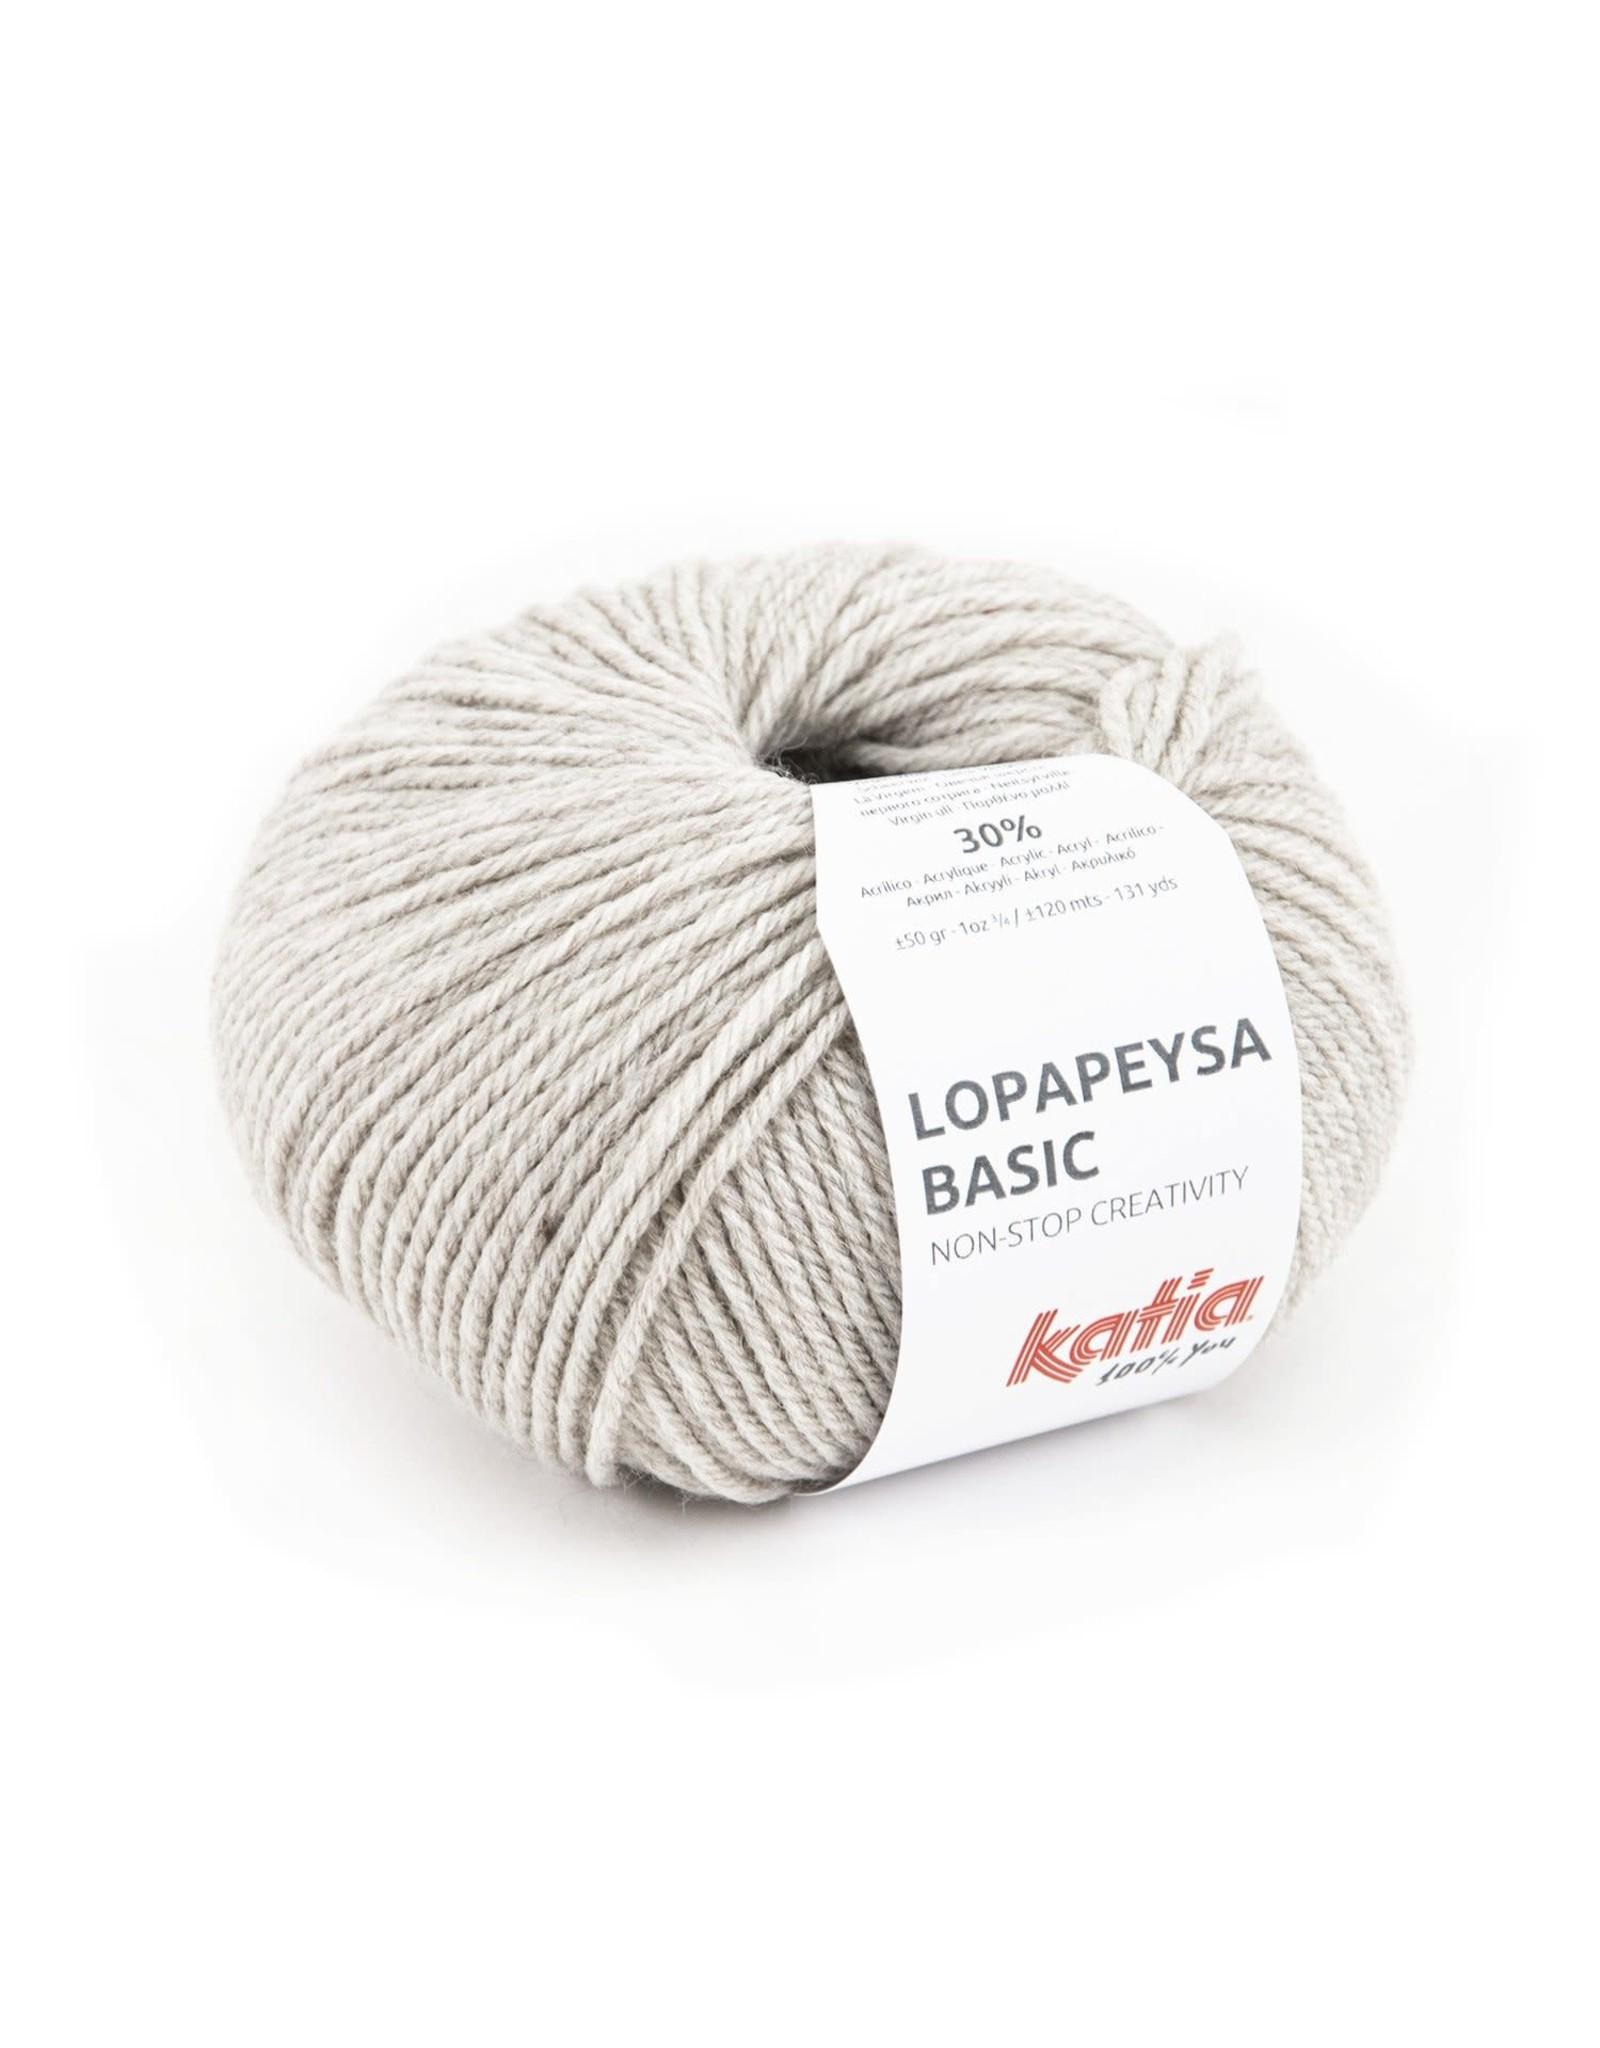 Wol - lopapeysa basic